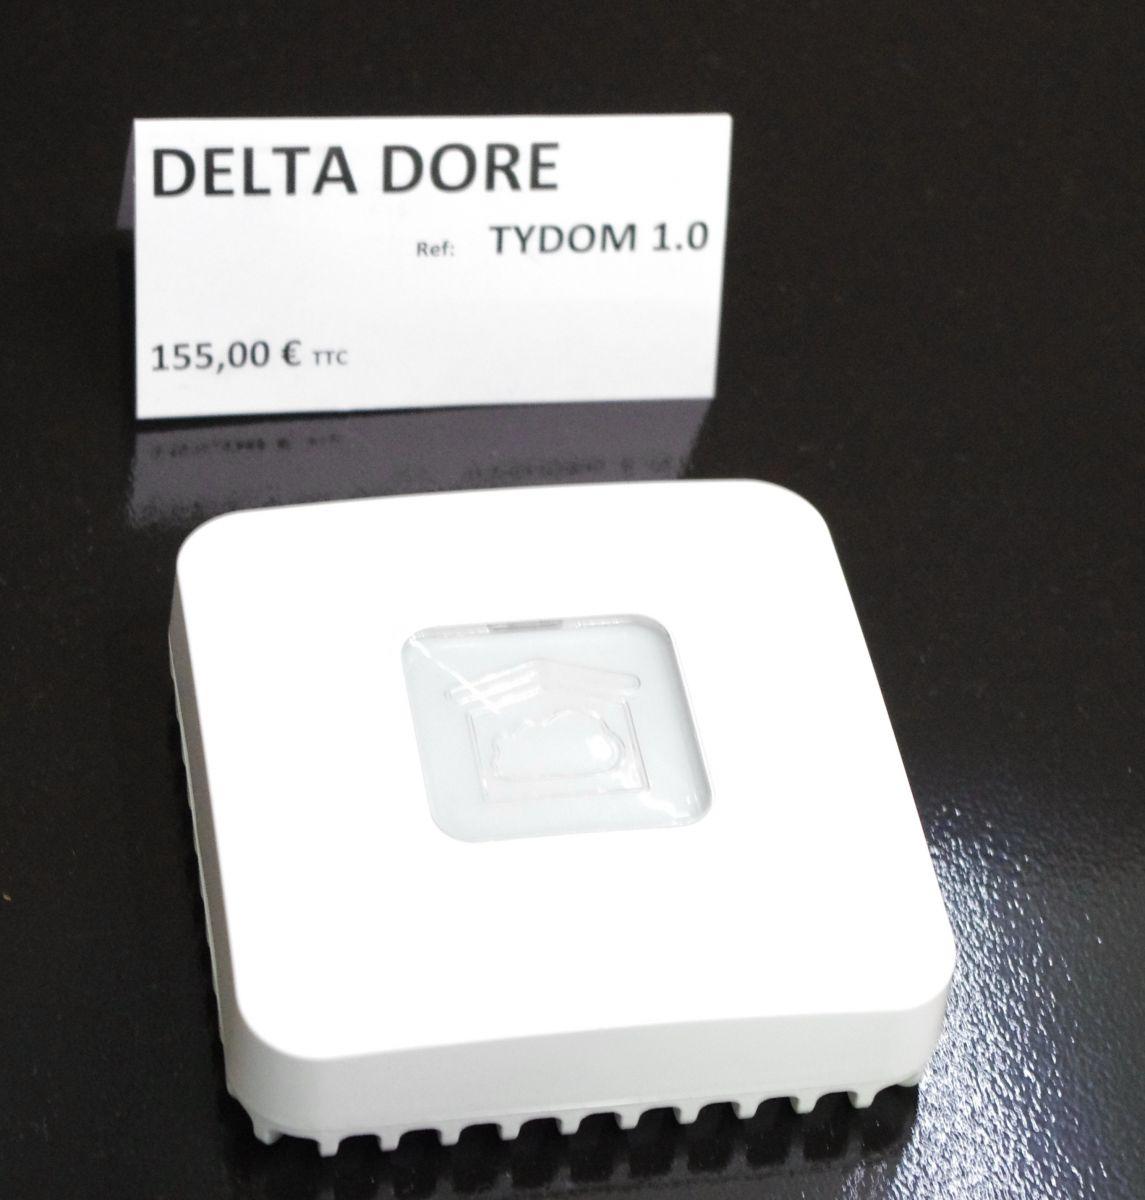 alarme delta dore affordable alarme maison centrale sirne. Black Bedroom Furniture Sets. Home Design Ideas